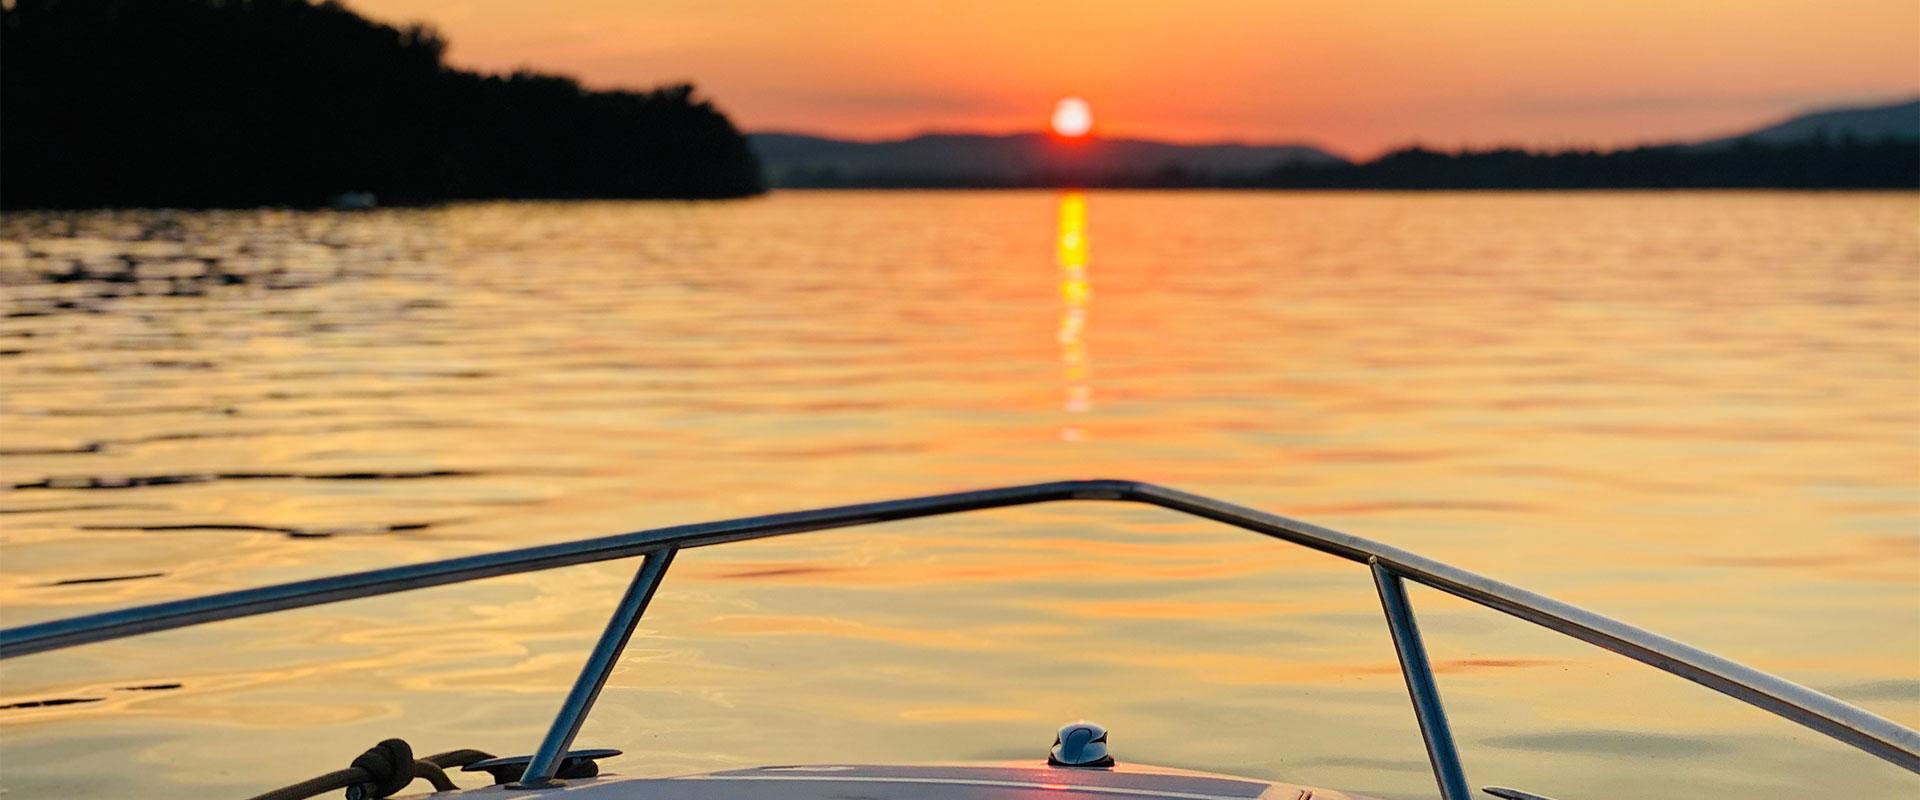 Visegrád, ahol kétszer láthatod a naplementét!